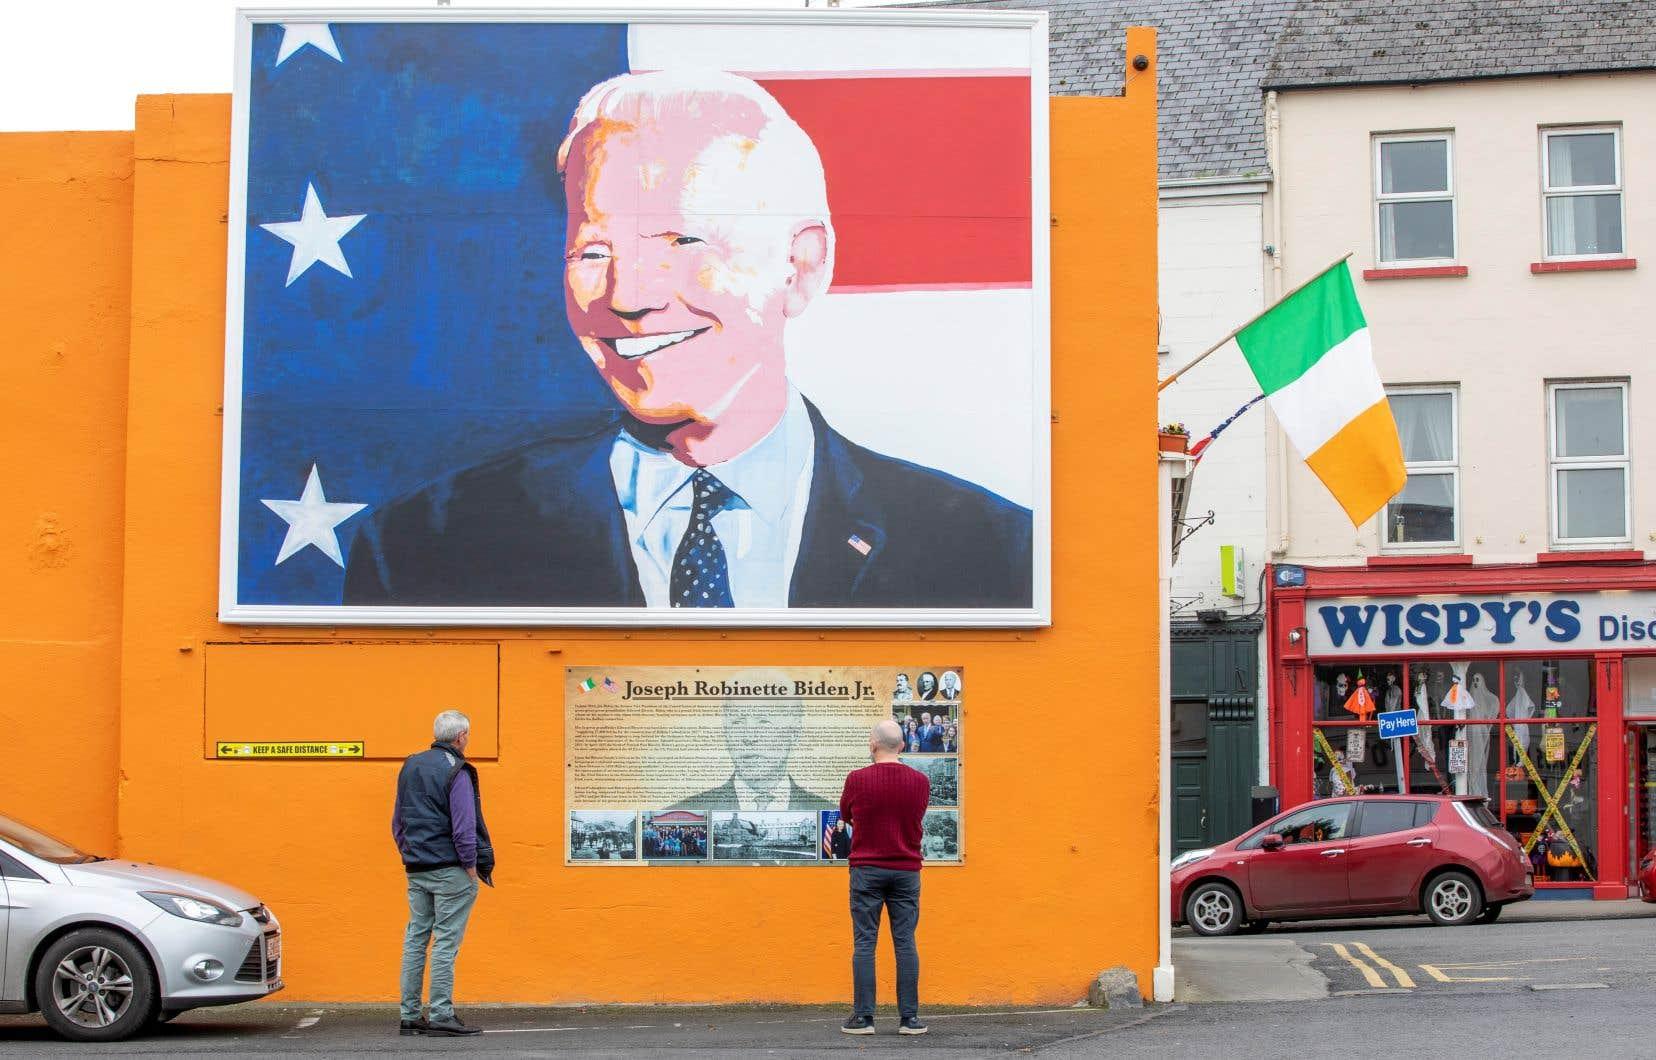 Joe Biden a un jour écrit que lorsqu'il mourra, «le nord-est de la Pennsylvanie sera inscrit dans mon cœur. Mais l'Irlande sera inscrite dans mon âme.»